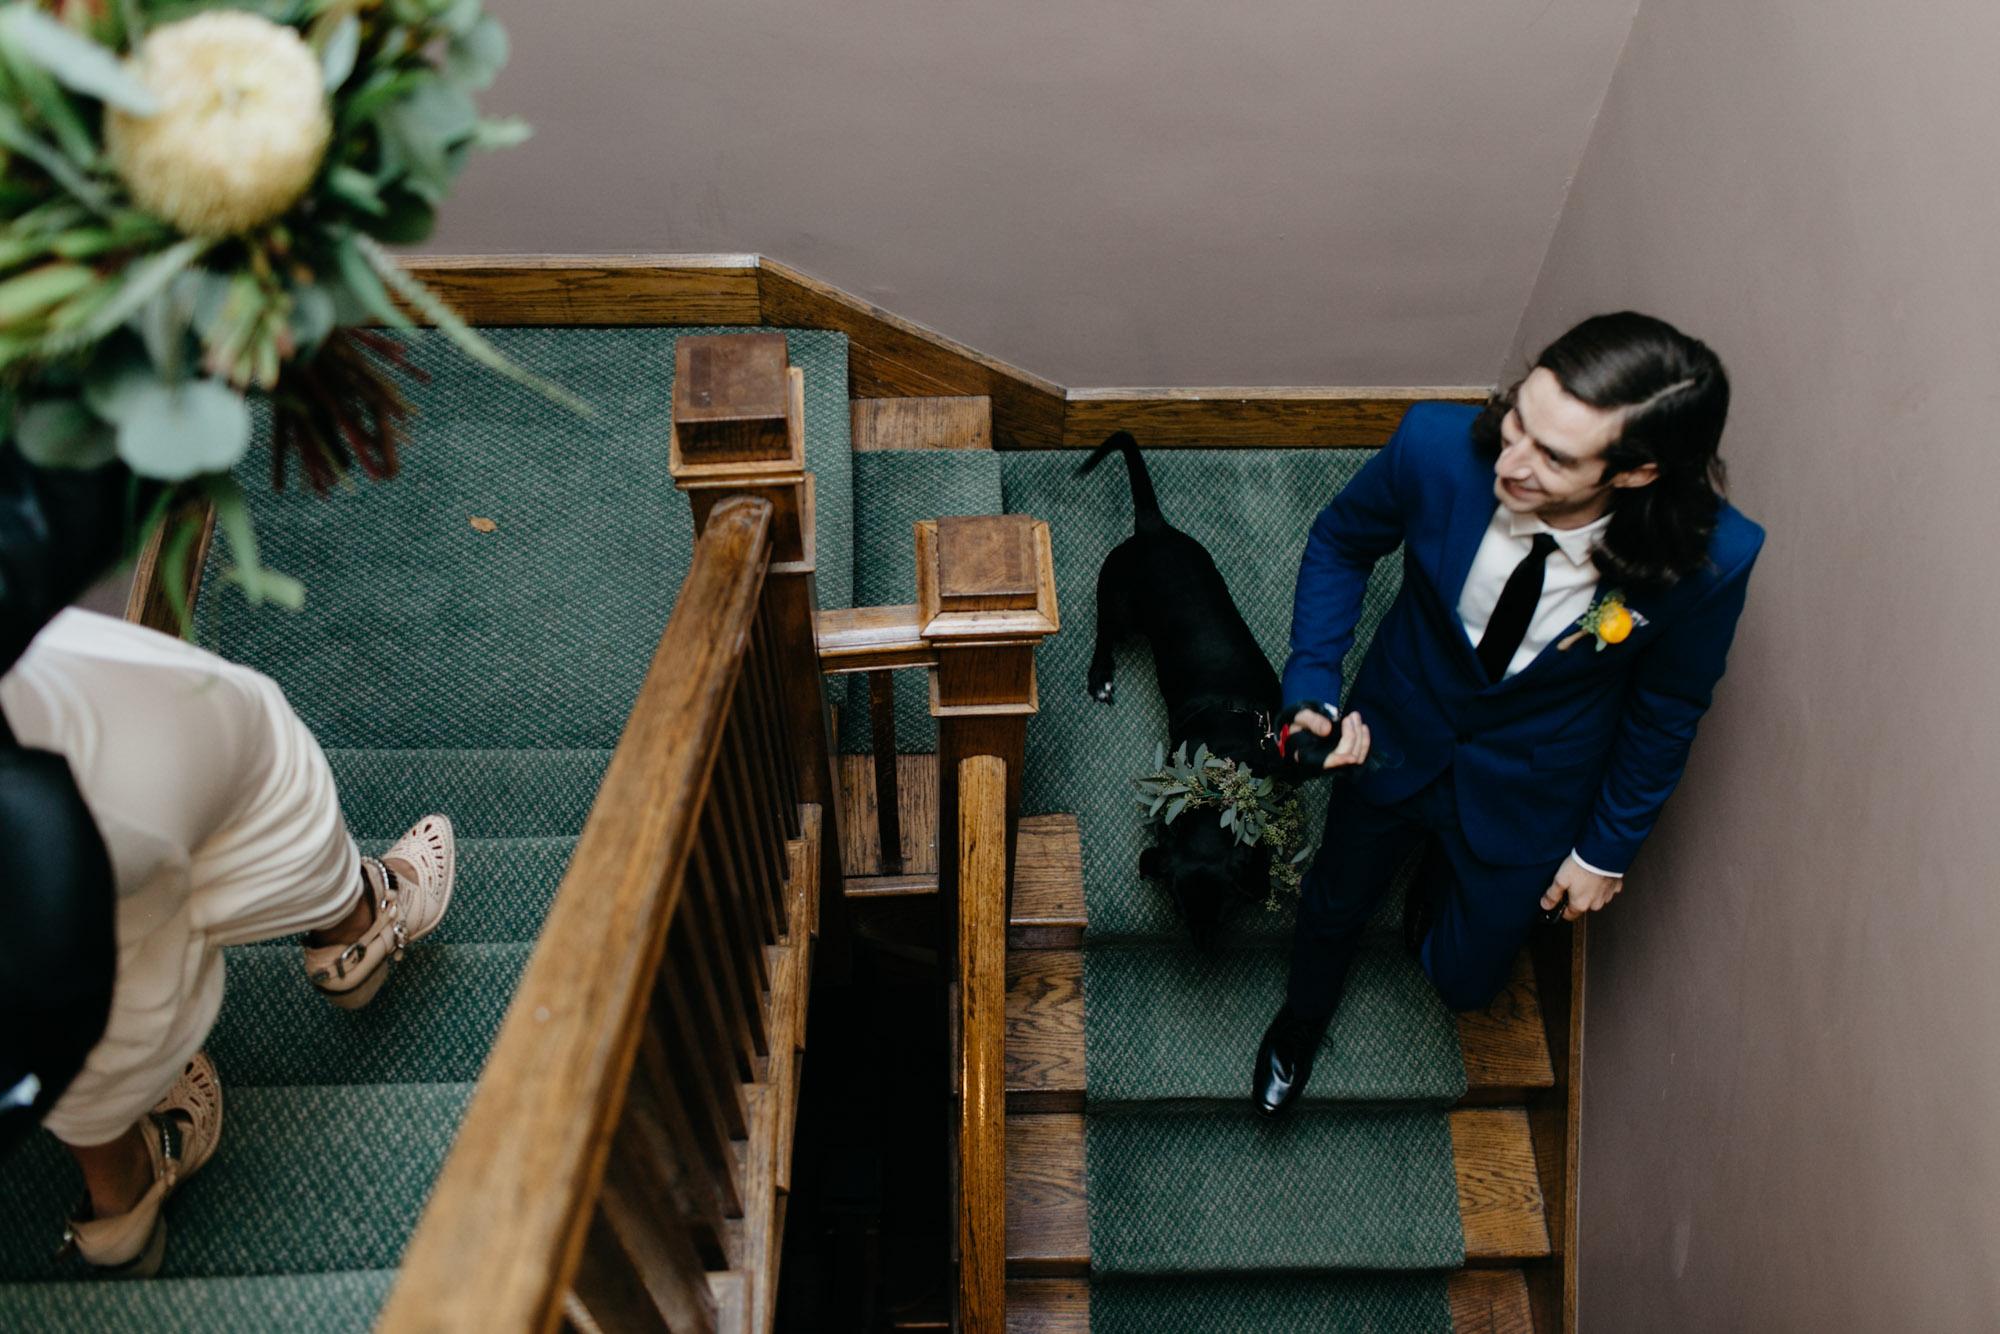 omaha-elopement-photographer-19.jpg